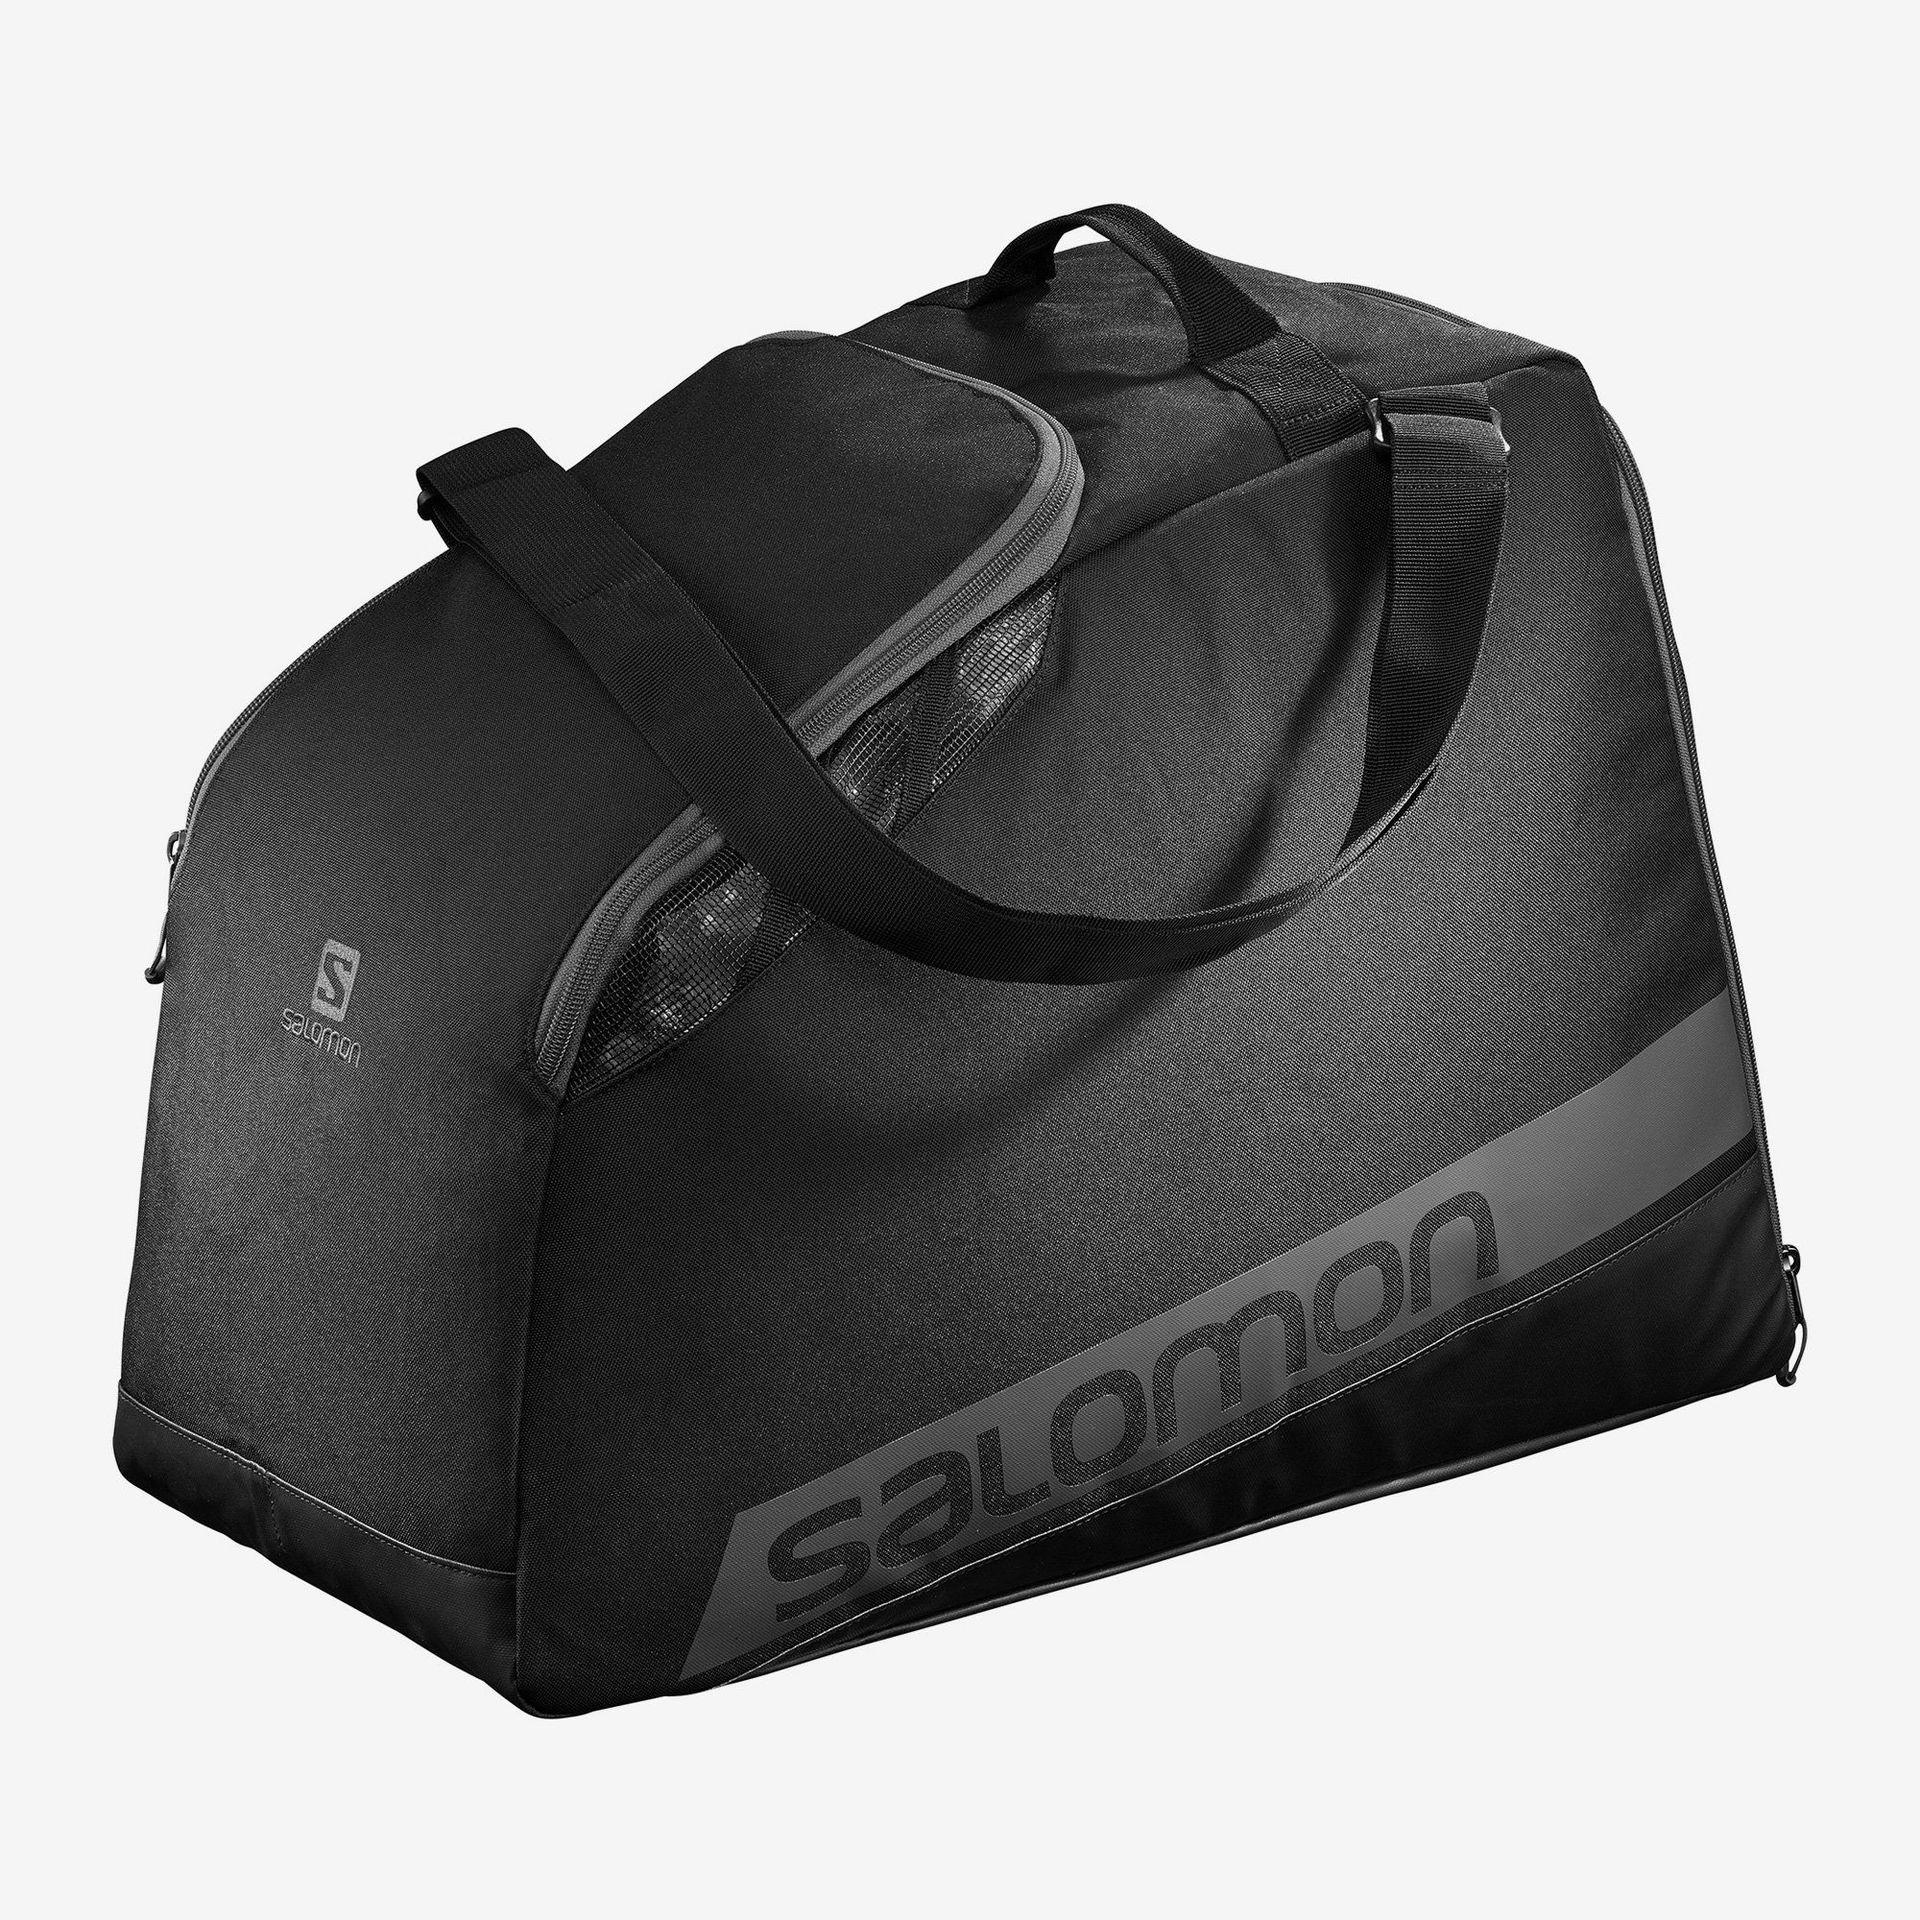 TORBA NA BUTY NARCIARSKIE SALOMON EXTEND MAX GEARBAG BLACK 120650